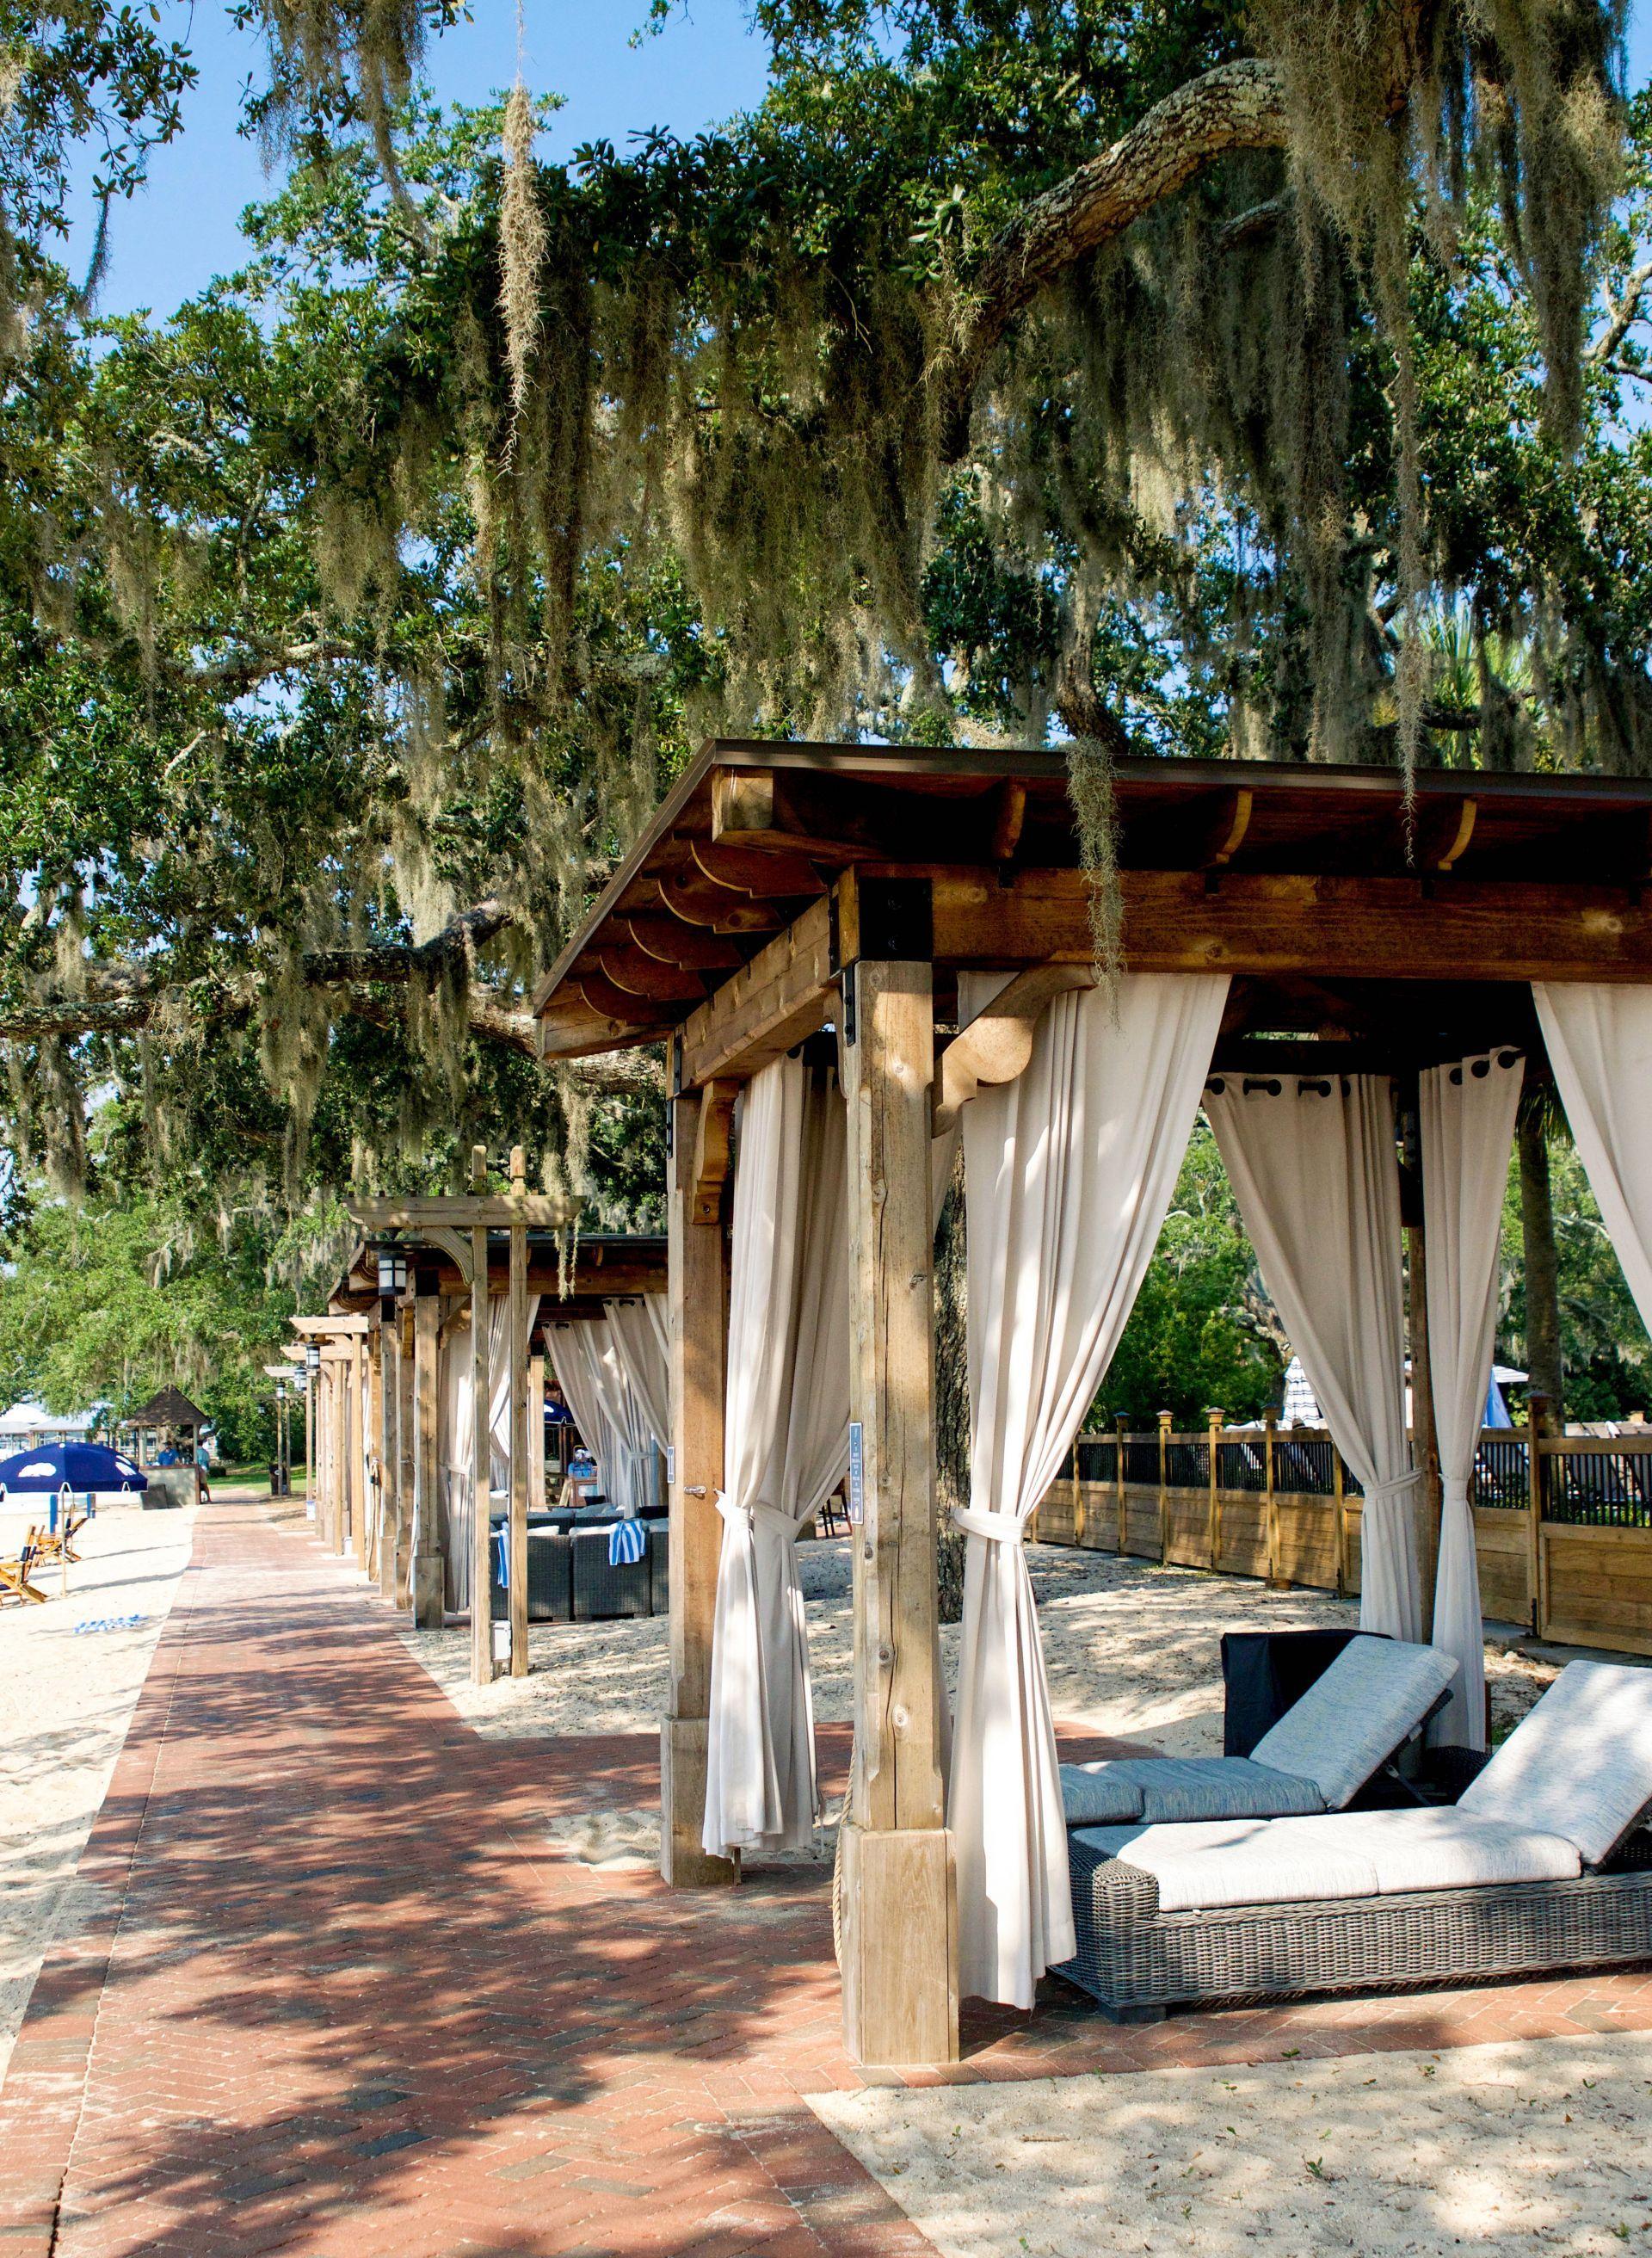 A Weekend Along Alabama's Gulf Coast: Mobile, Fairhope